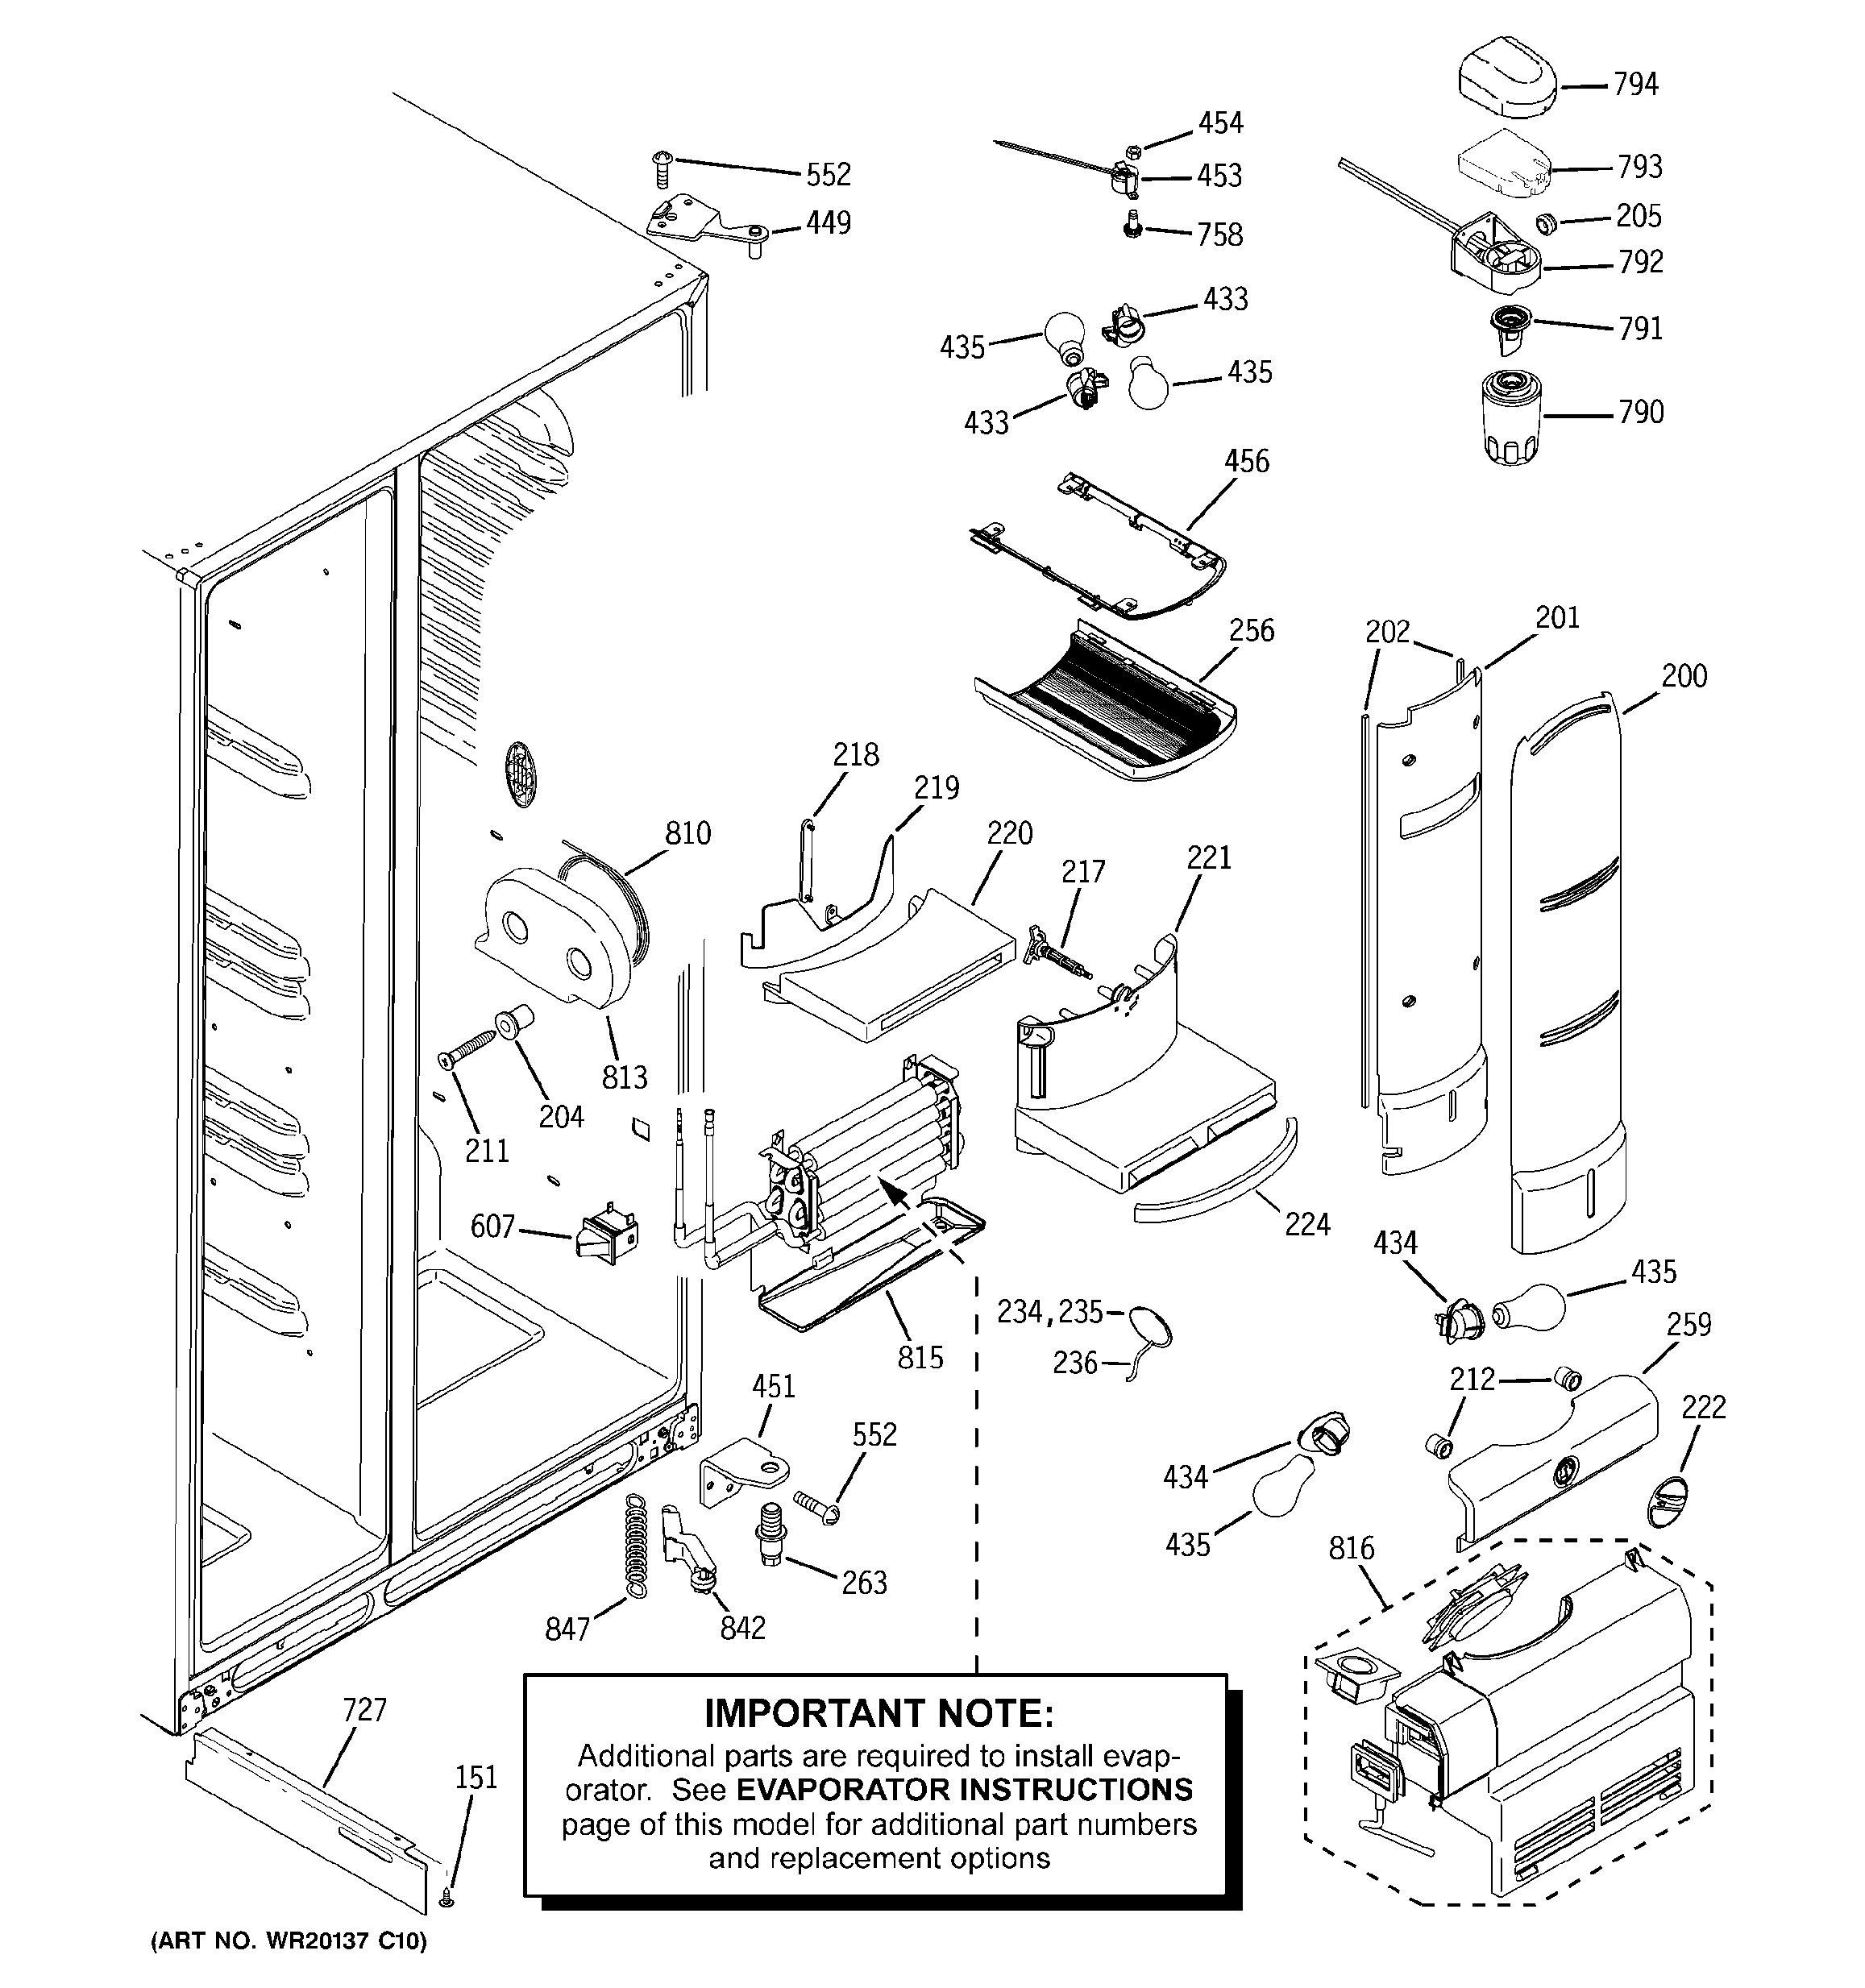 [DIAGRAM] Wiring Profile Diagram Ge Pfcs1pjx FULL Version